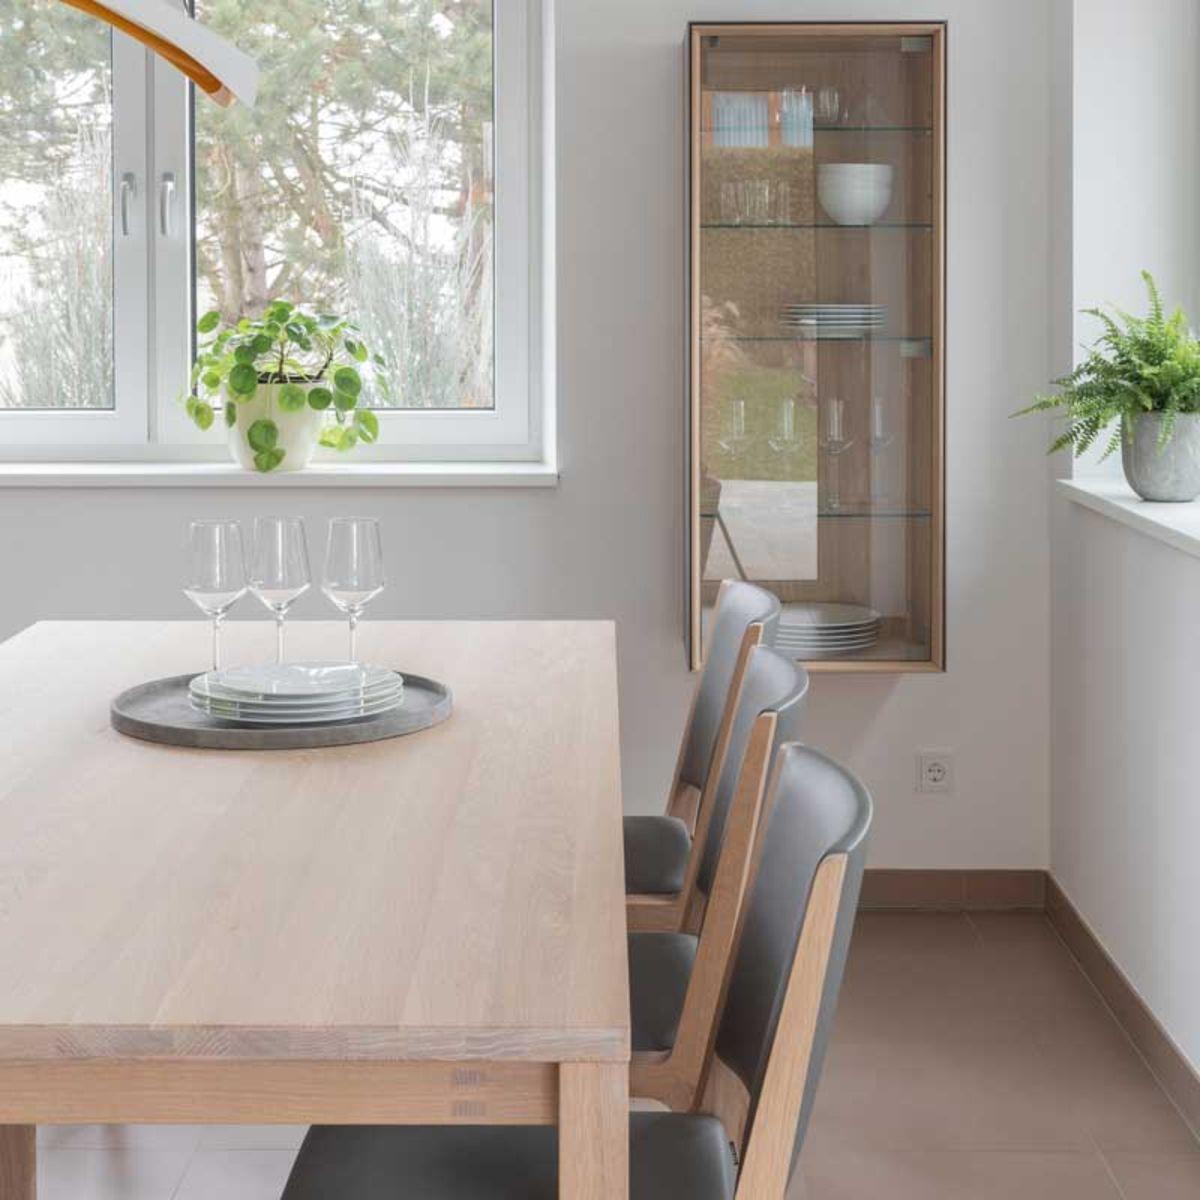 magnum Tisch mit eviva Stühlen in Eiche Weißöl von TEAM 7 Linz